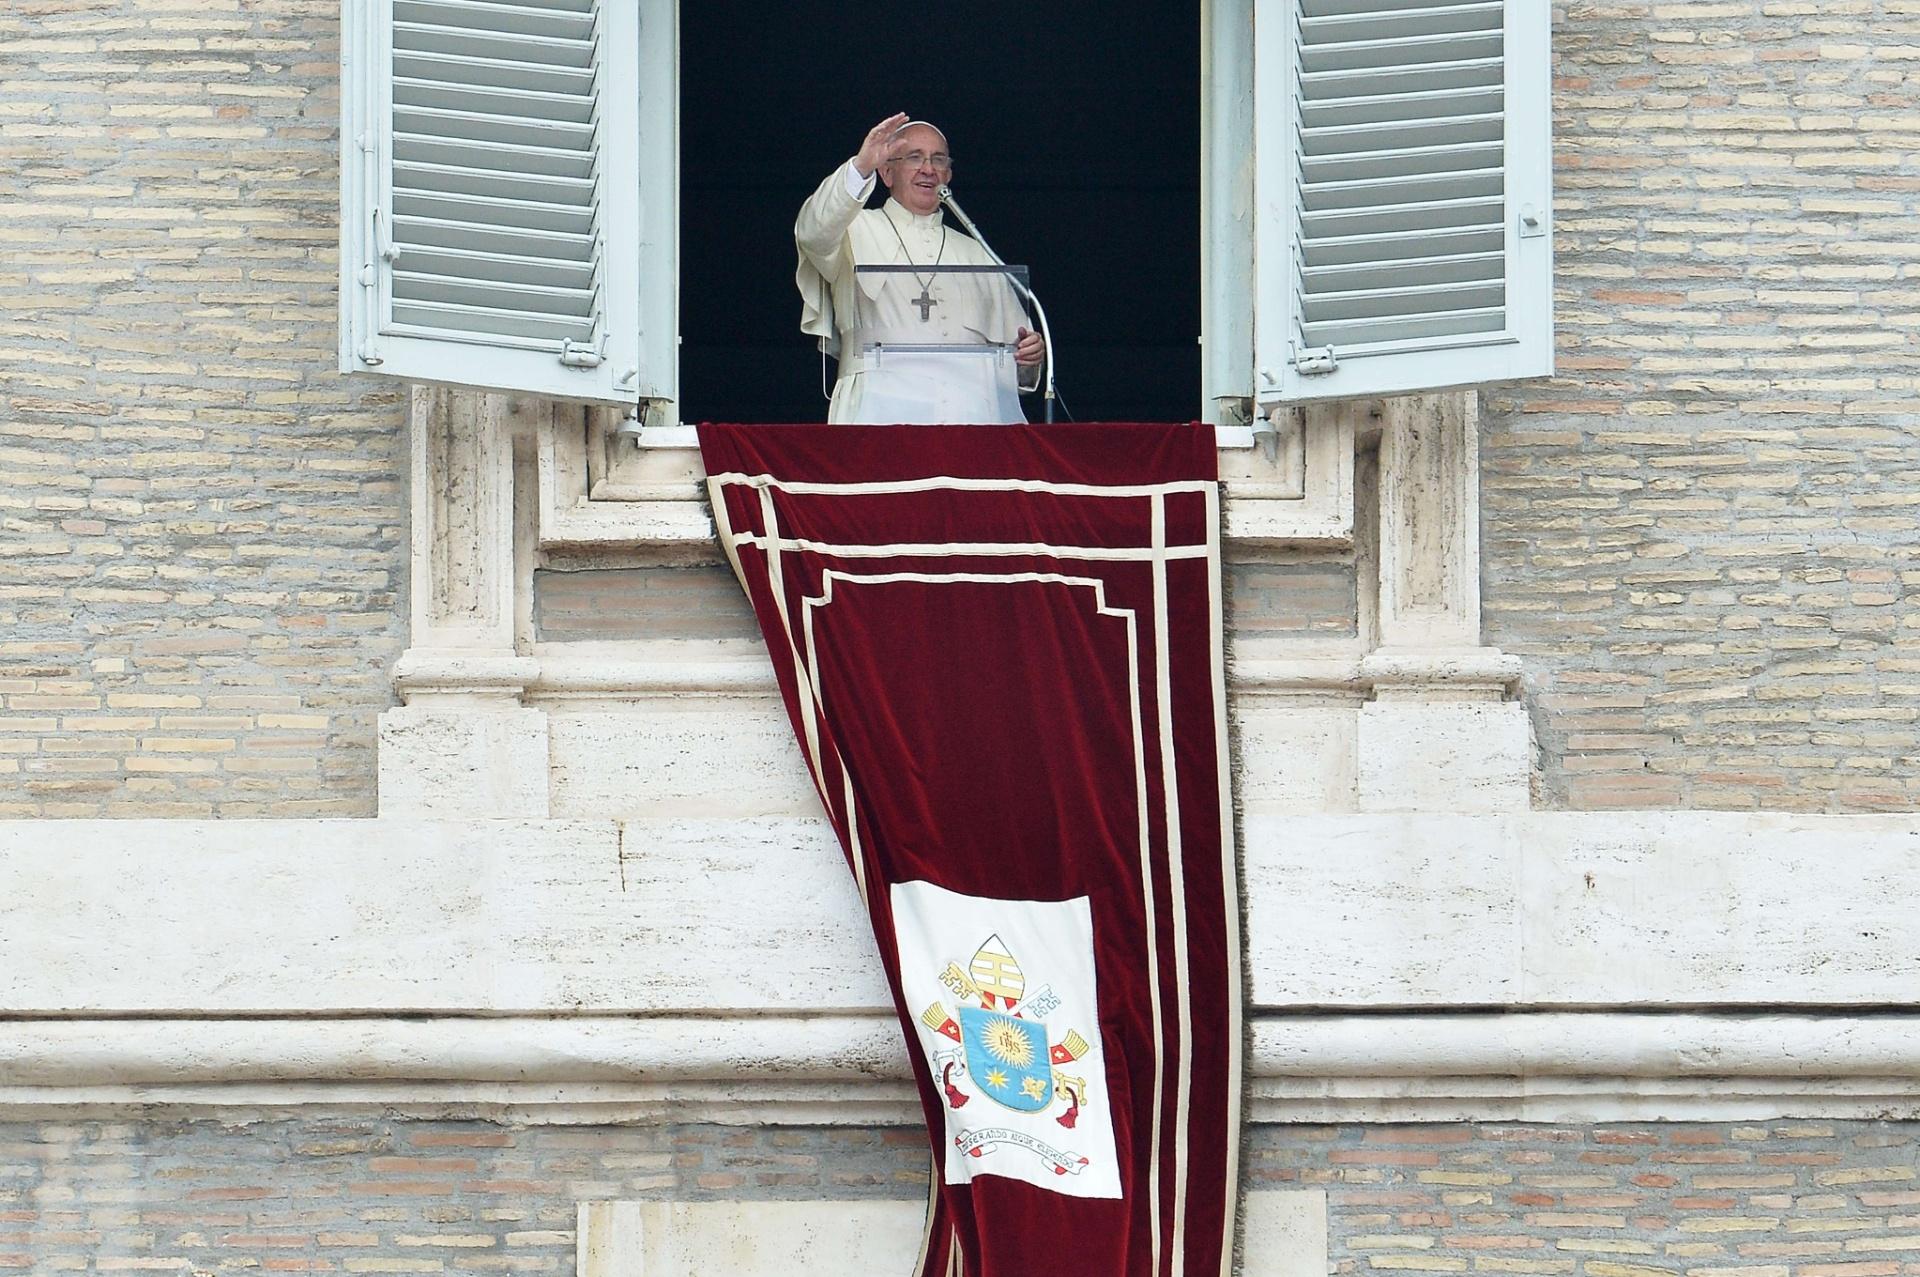 14.jun.2015 - Da janela do Palácio Apostólico, Papa Francisco saúda os fiéis reunidos na Praça de São Pedro, durante a oração do Angelus, no Vaticano